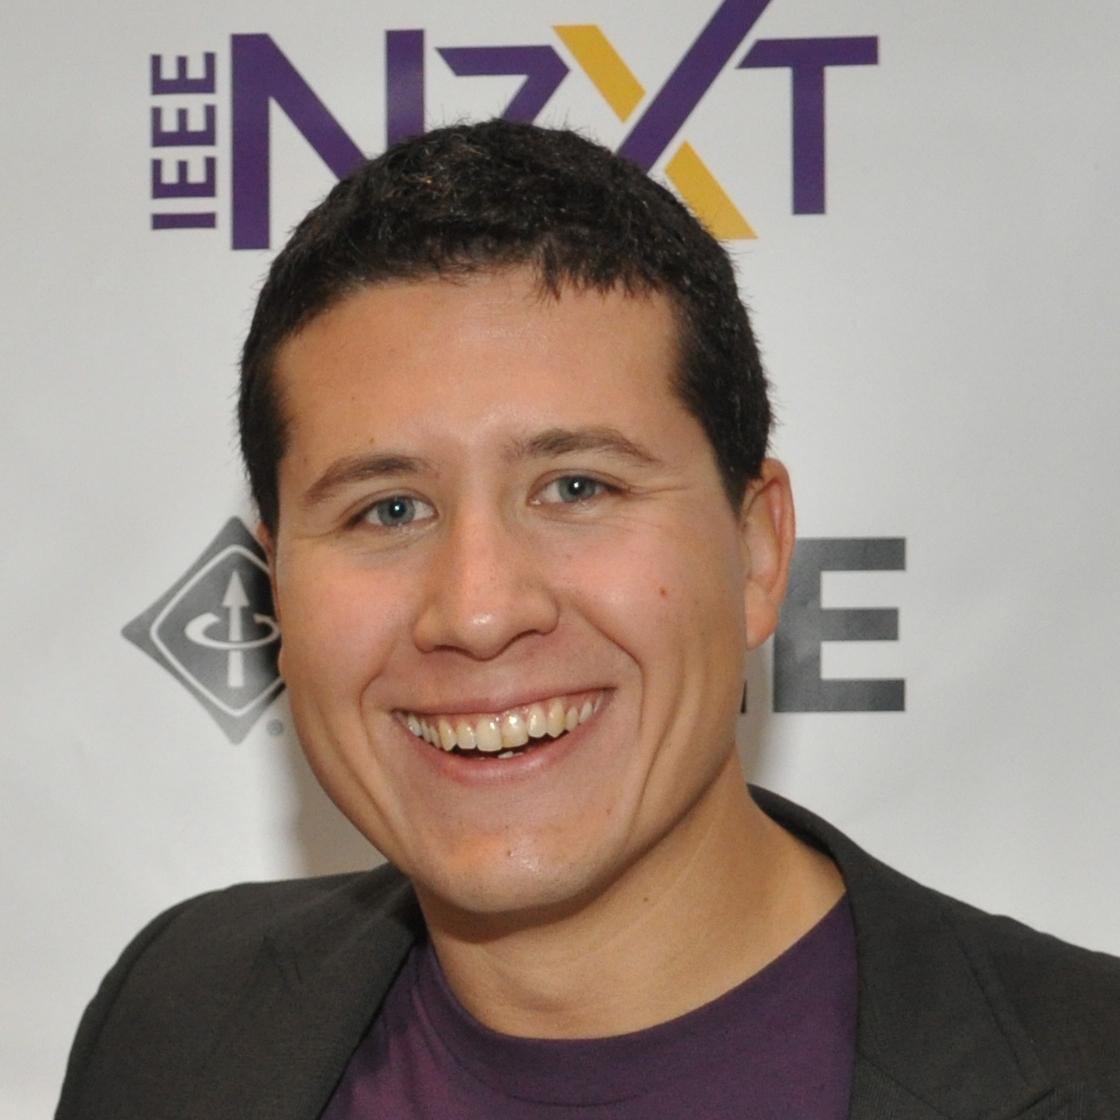 Mario Milicevic